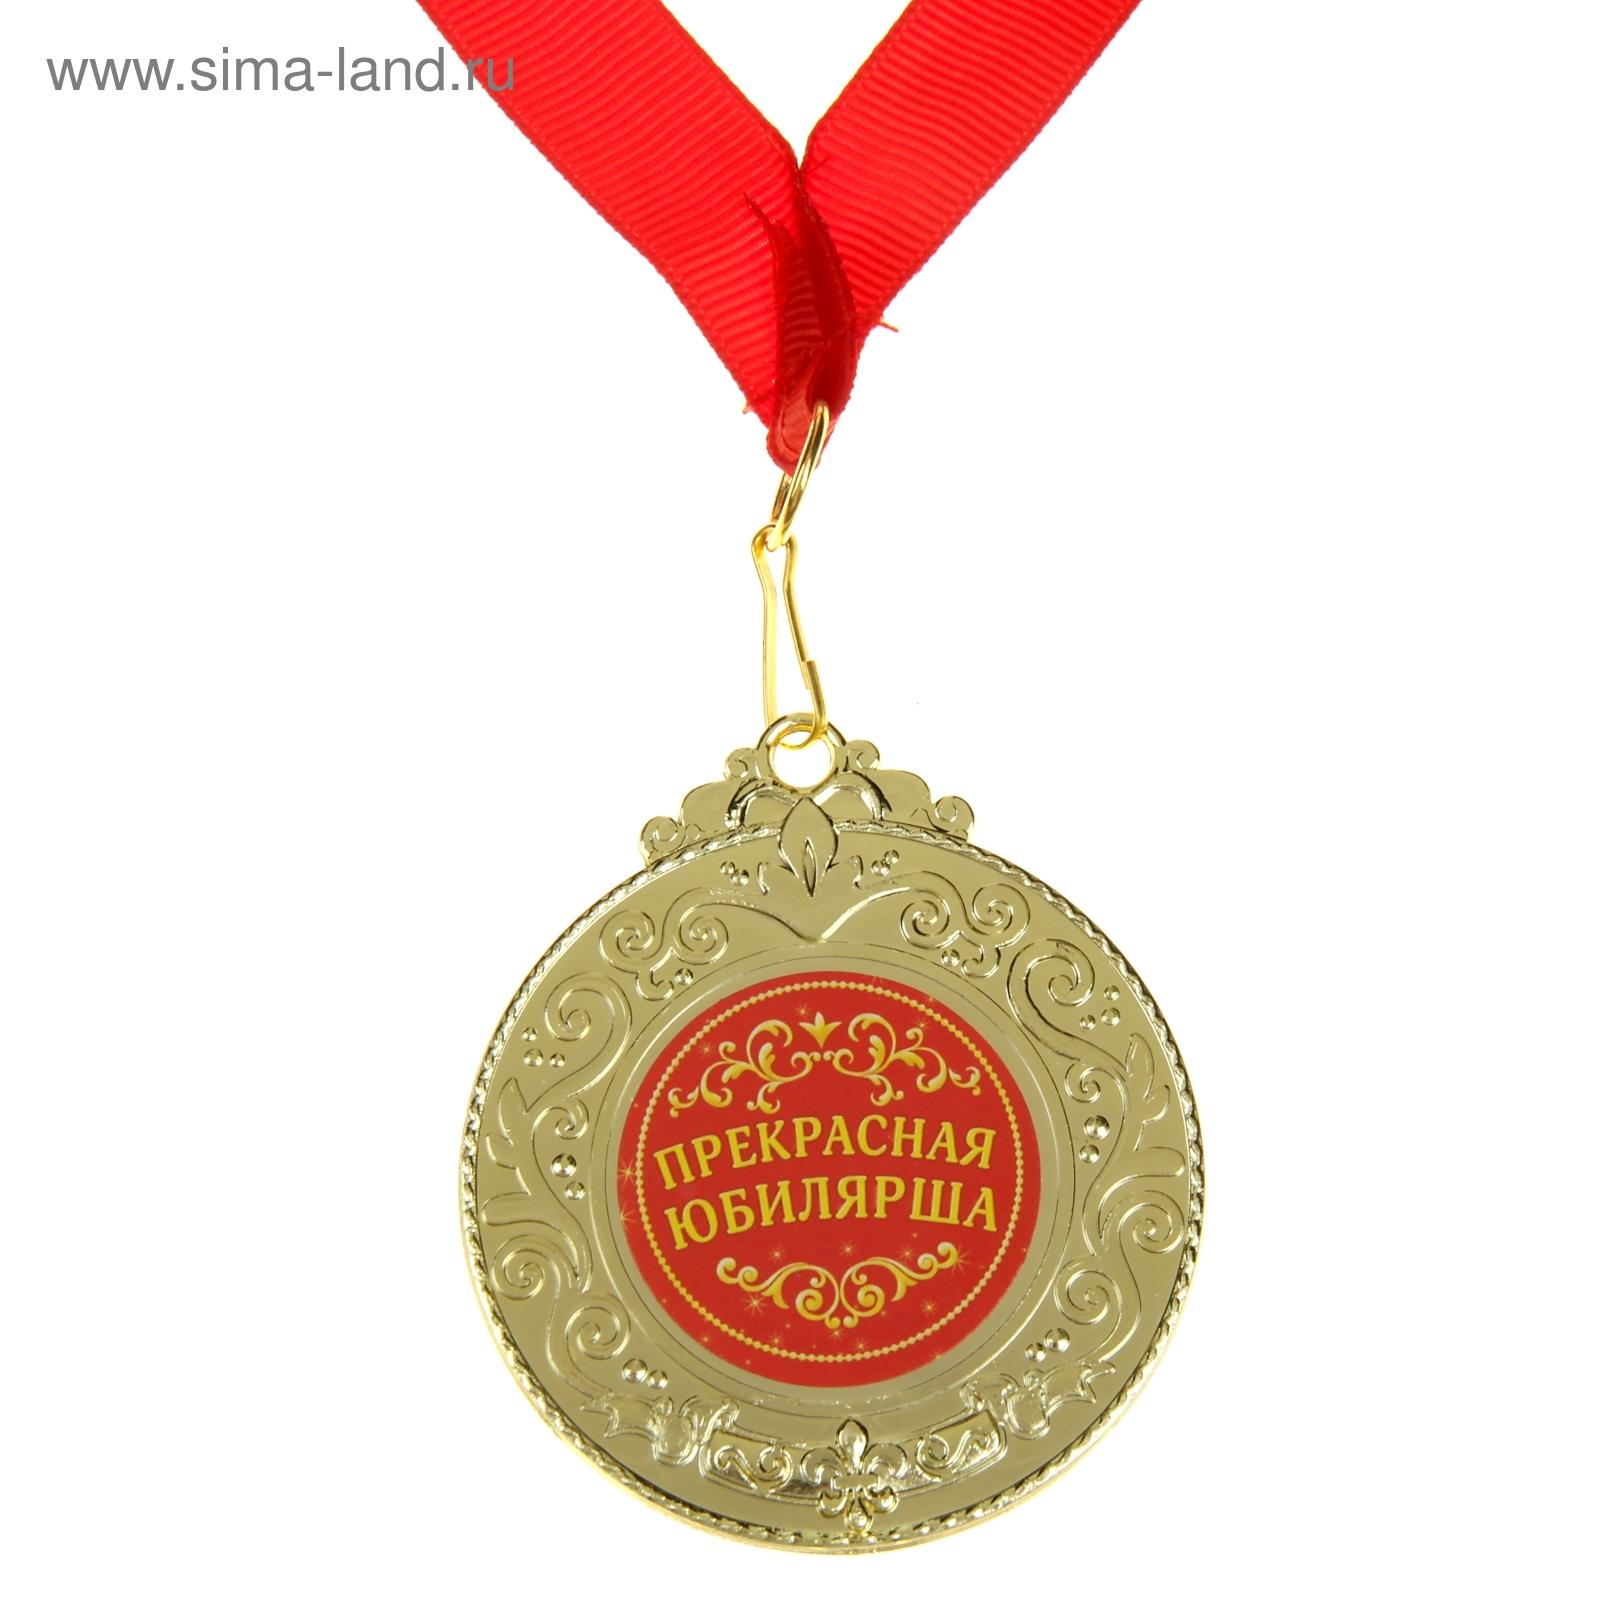 Медаль с поздравлением юбилярше фото 548